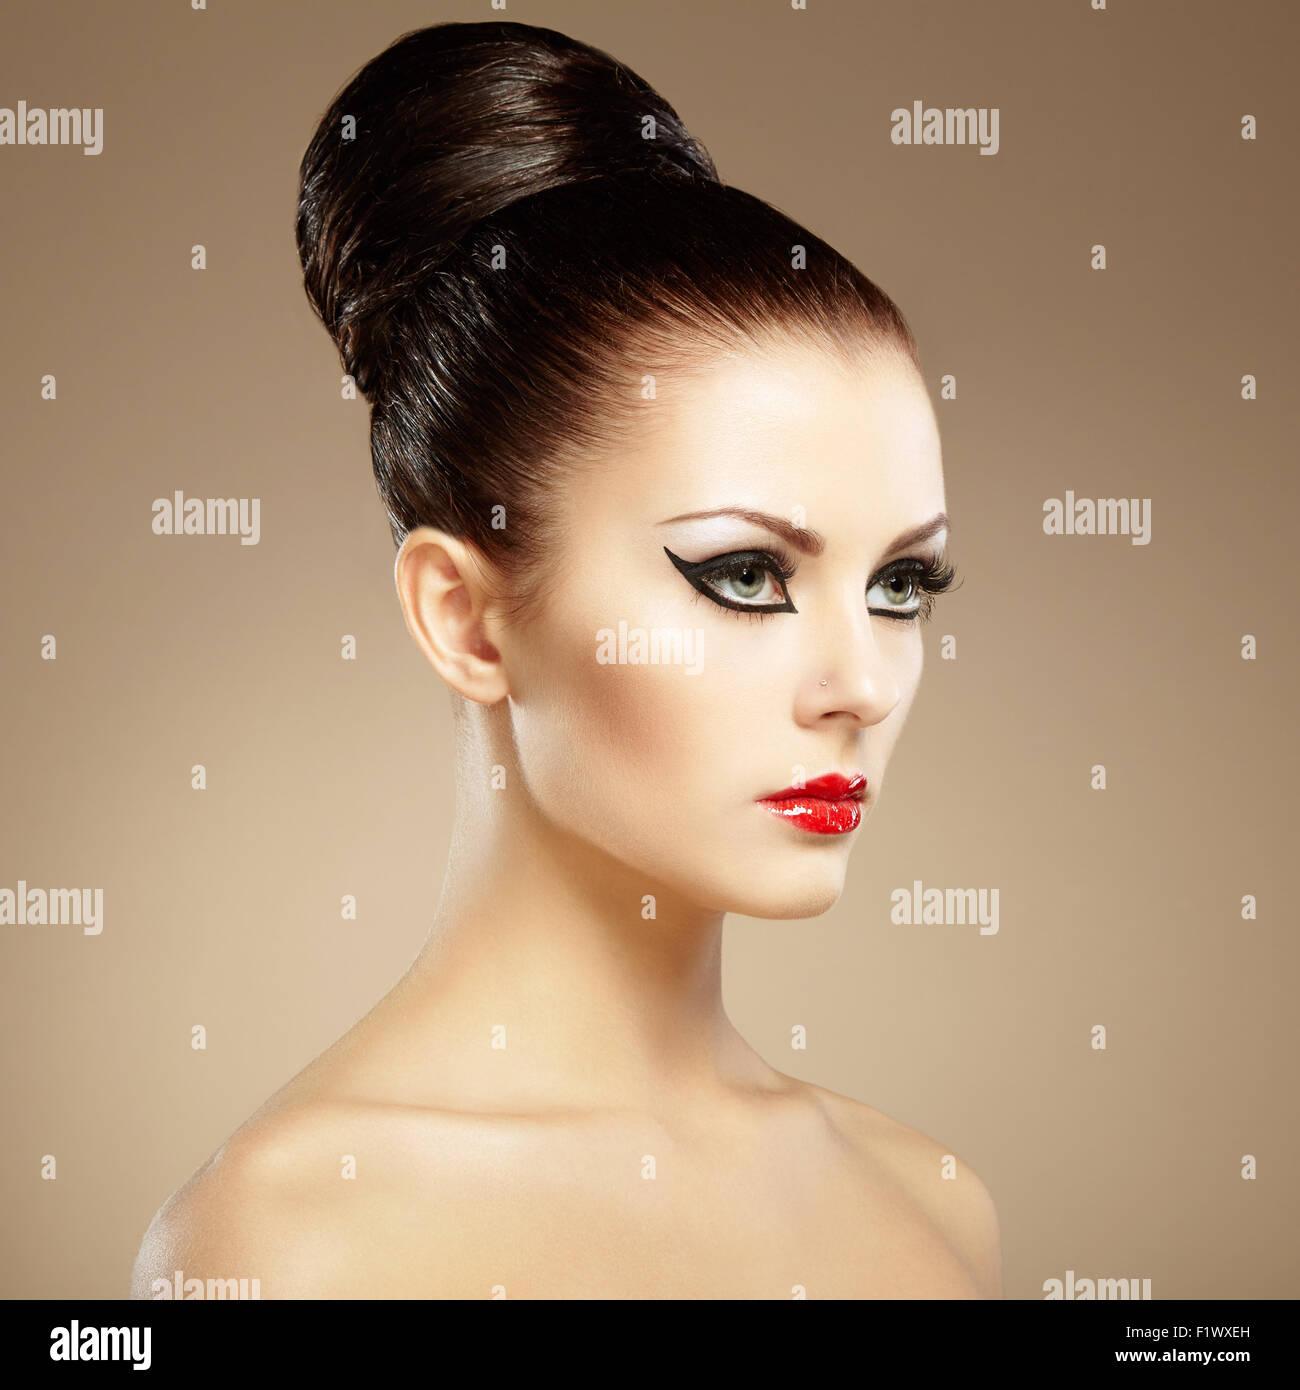 Traumhaft Schone Frau Photography: Porträt Von Schöne Sinnliche Frau Mit Elegante Frisur